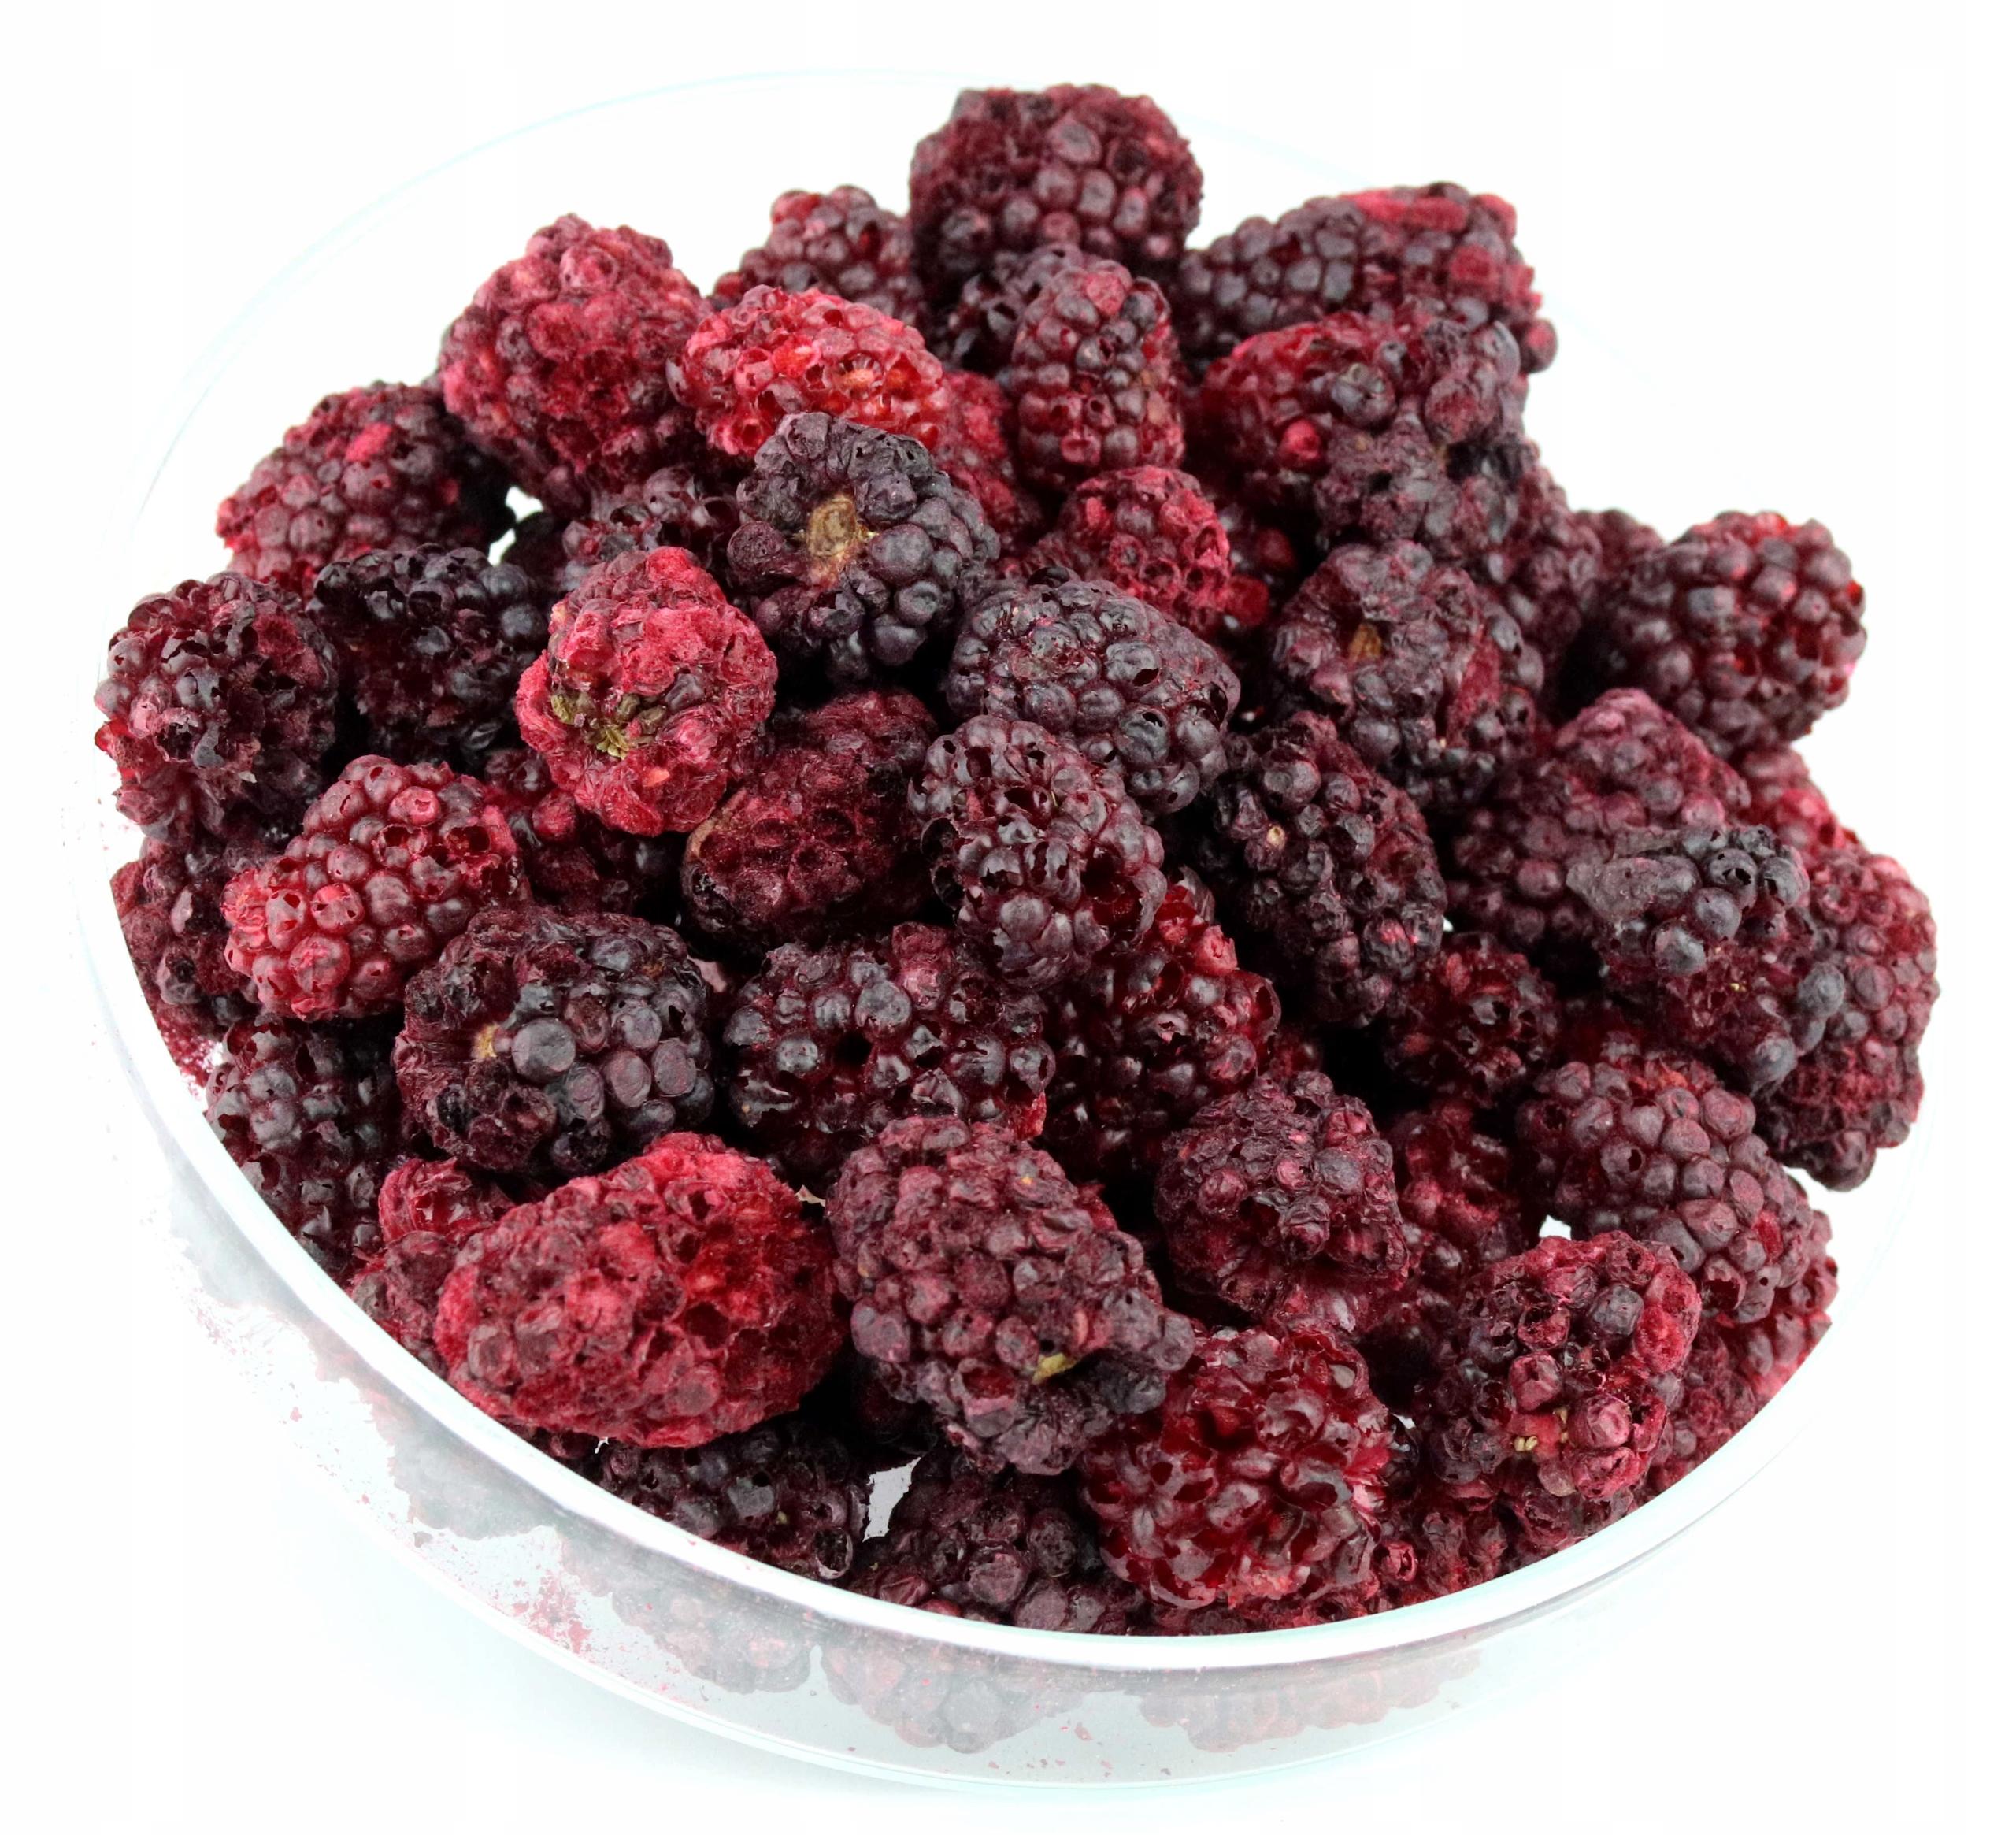 LIO JEŻYNA liofilizowna cała owoce liofilizowa 50g